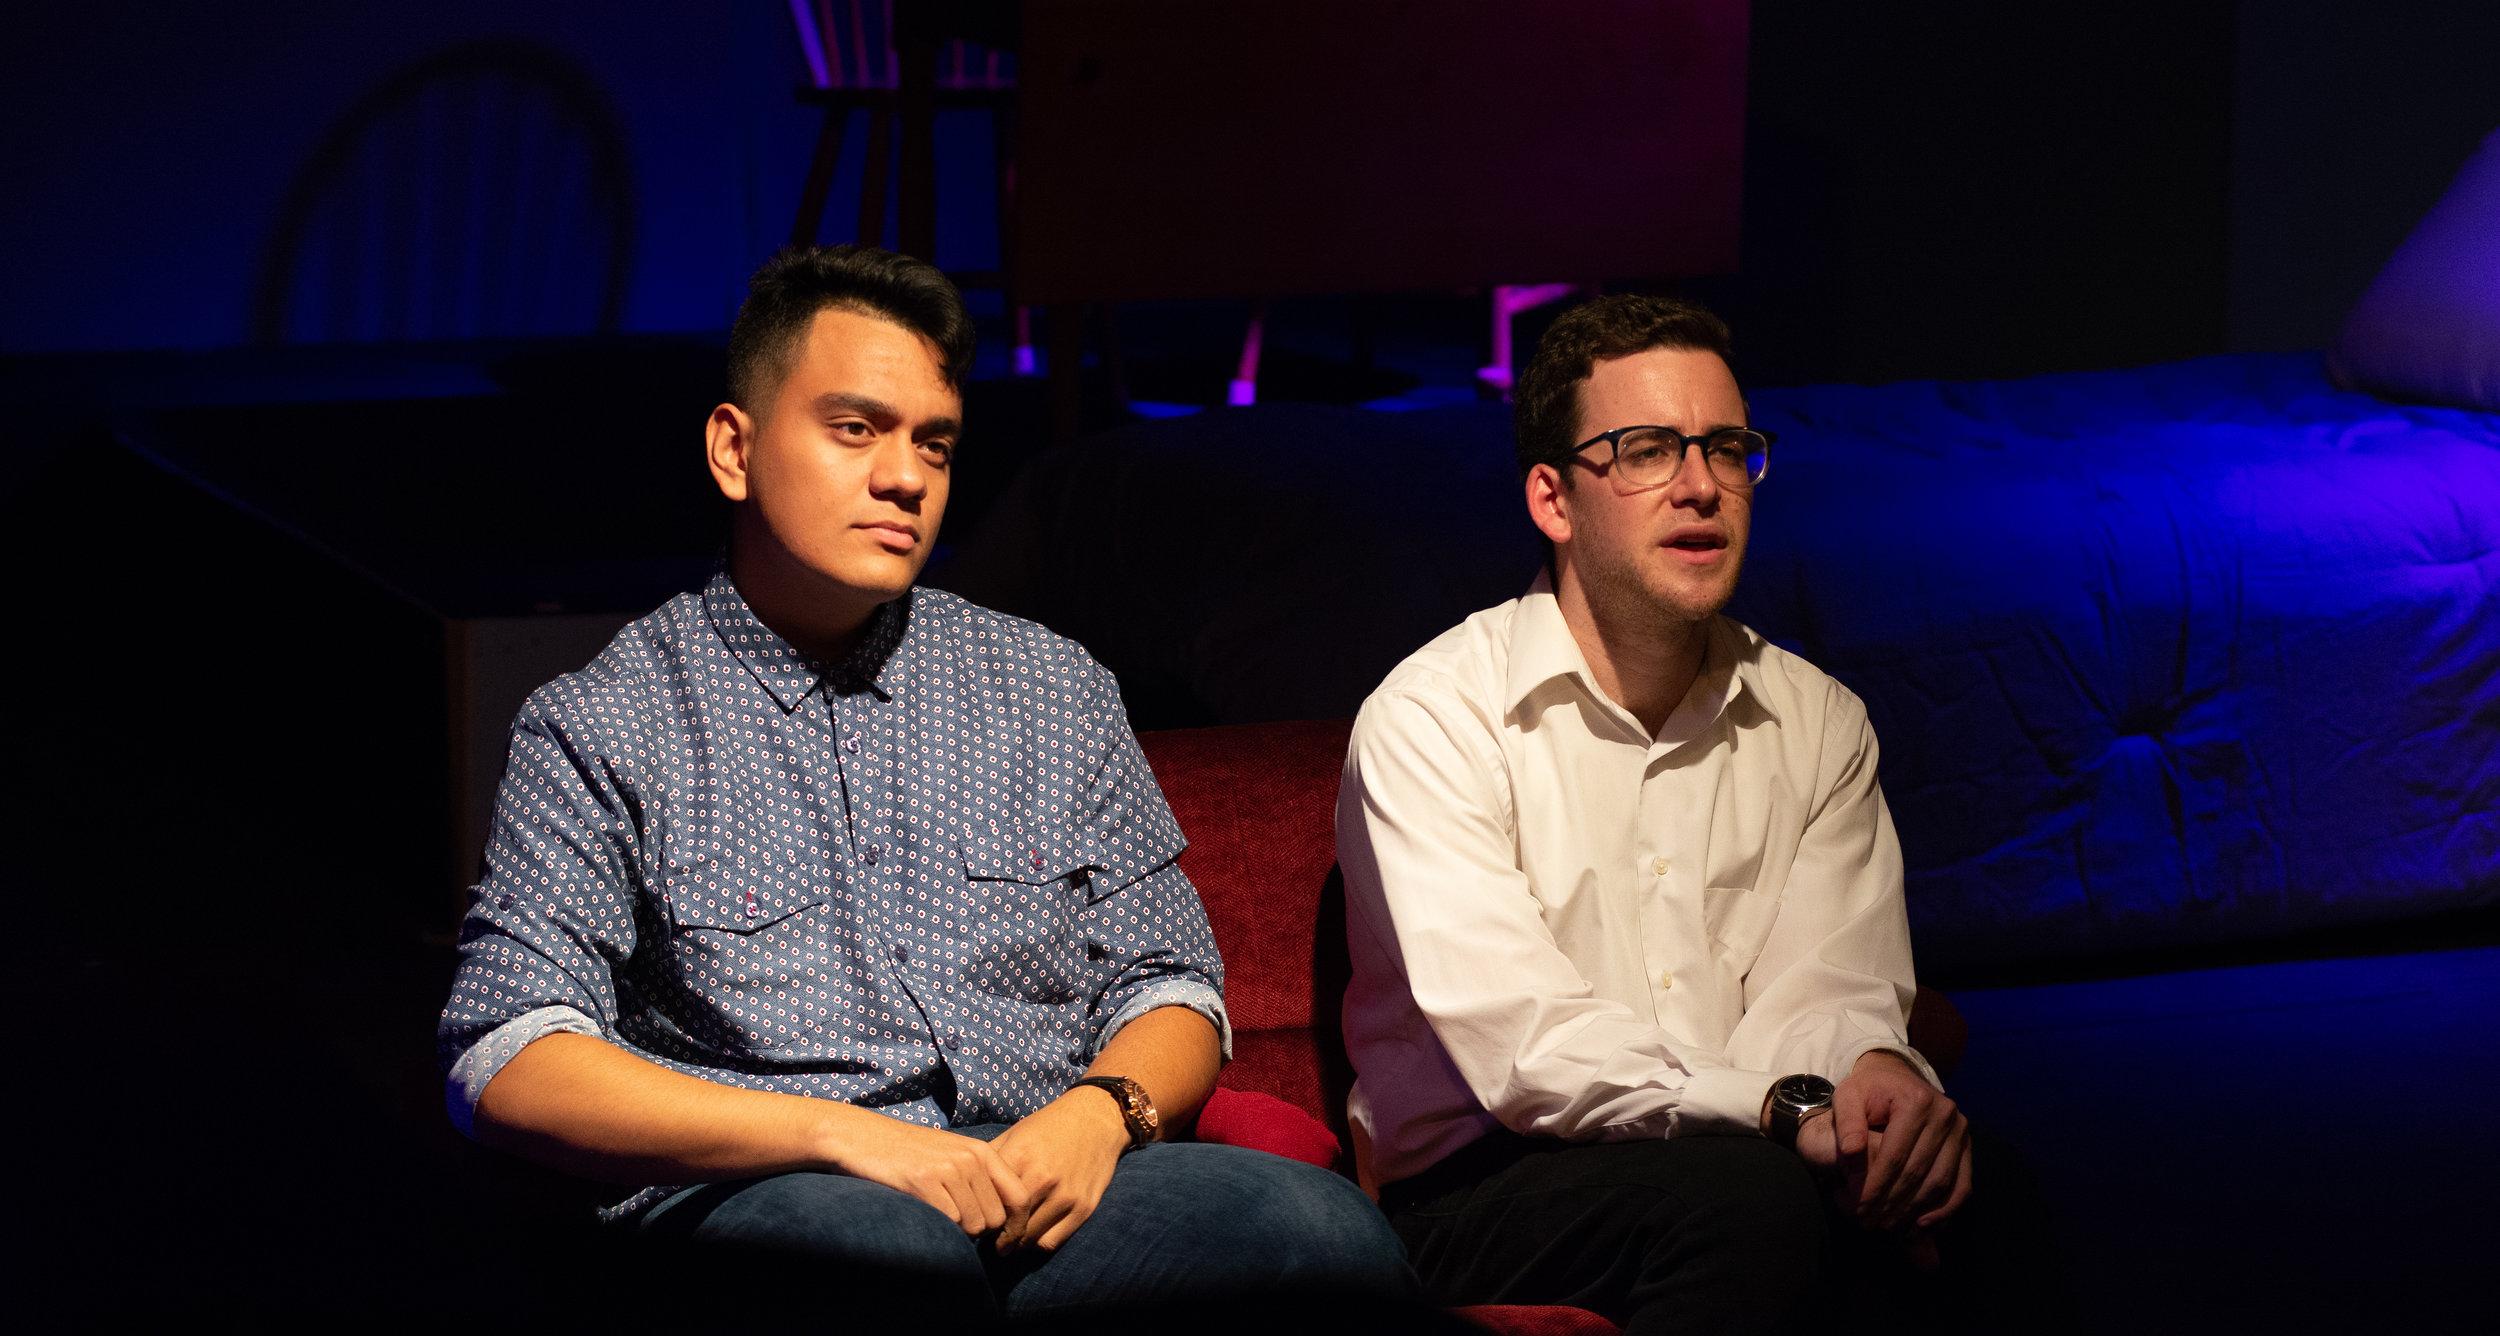 LuisDiego Millan (Will/Conrad/Tony), John Lerman (Jordan)